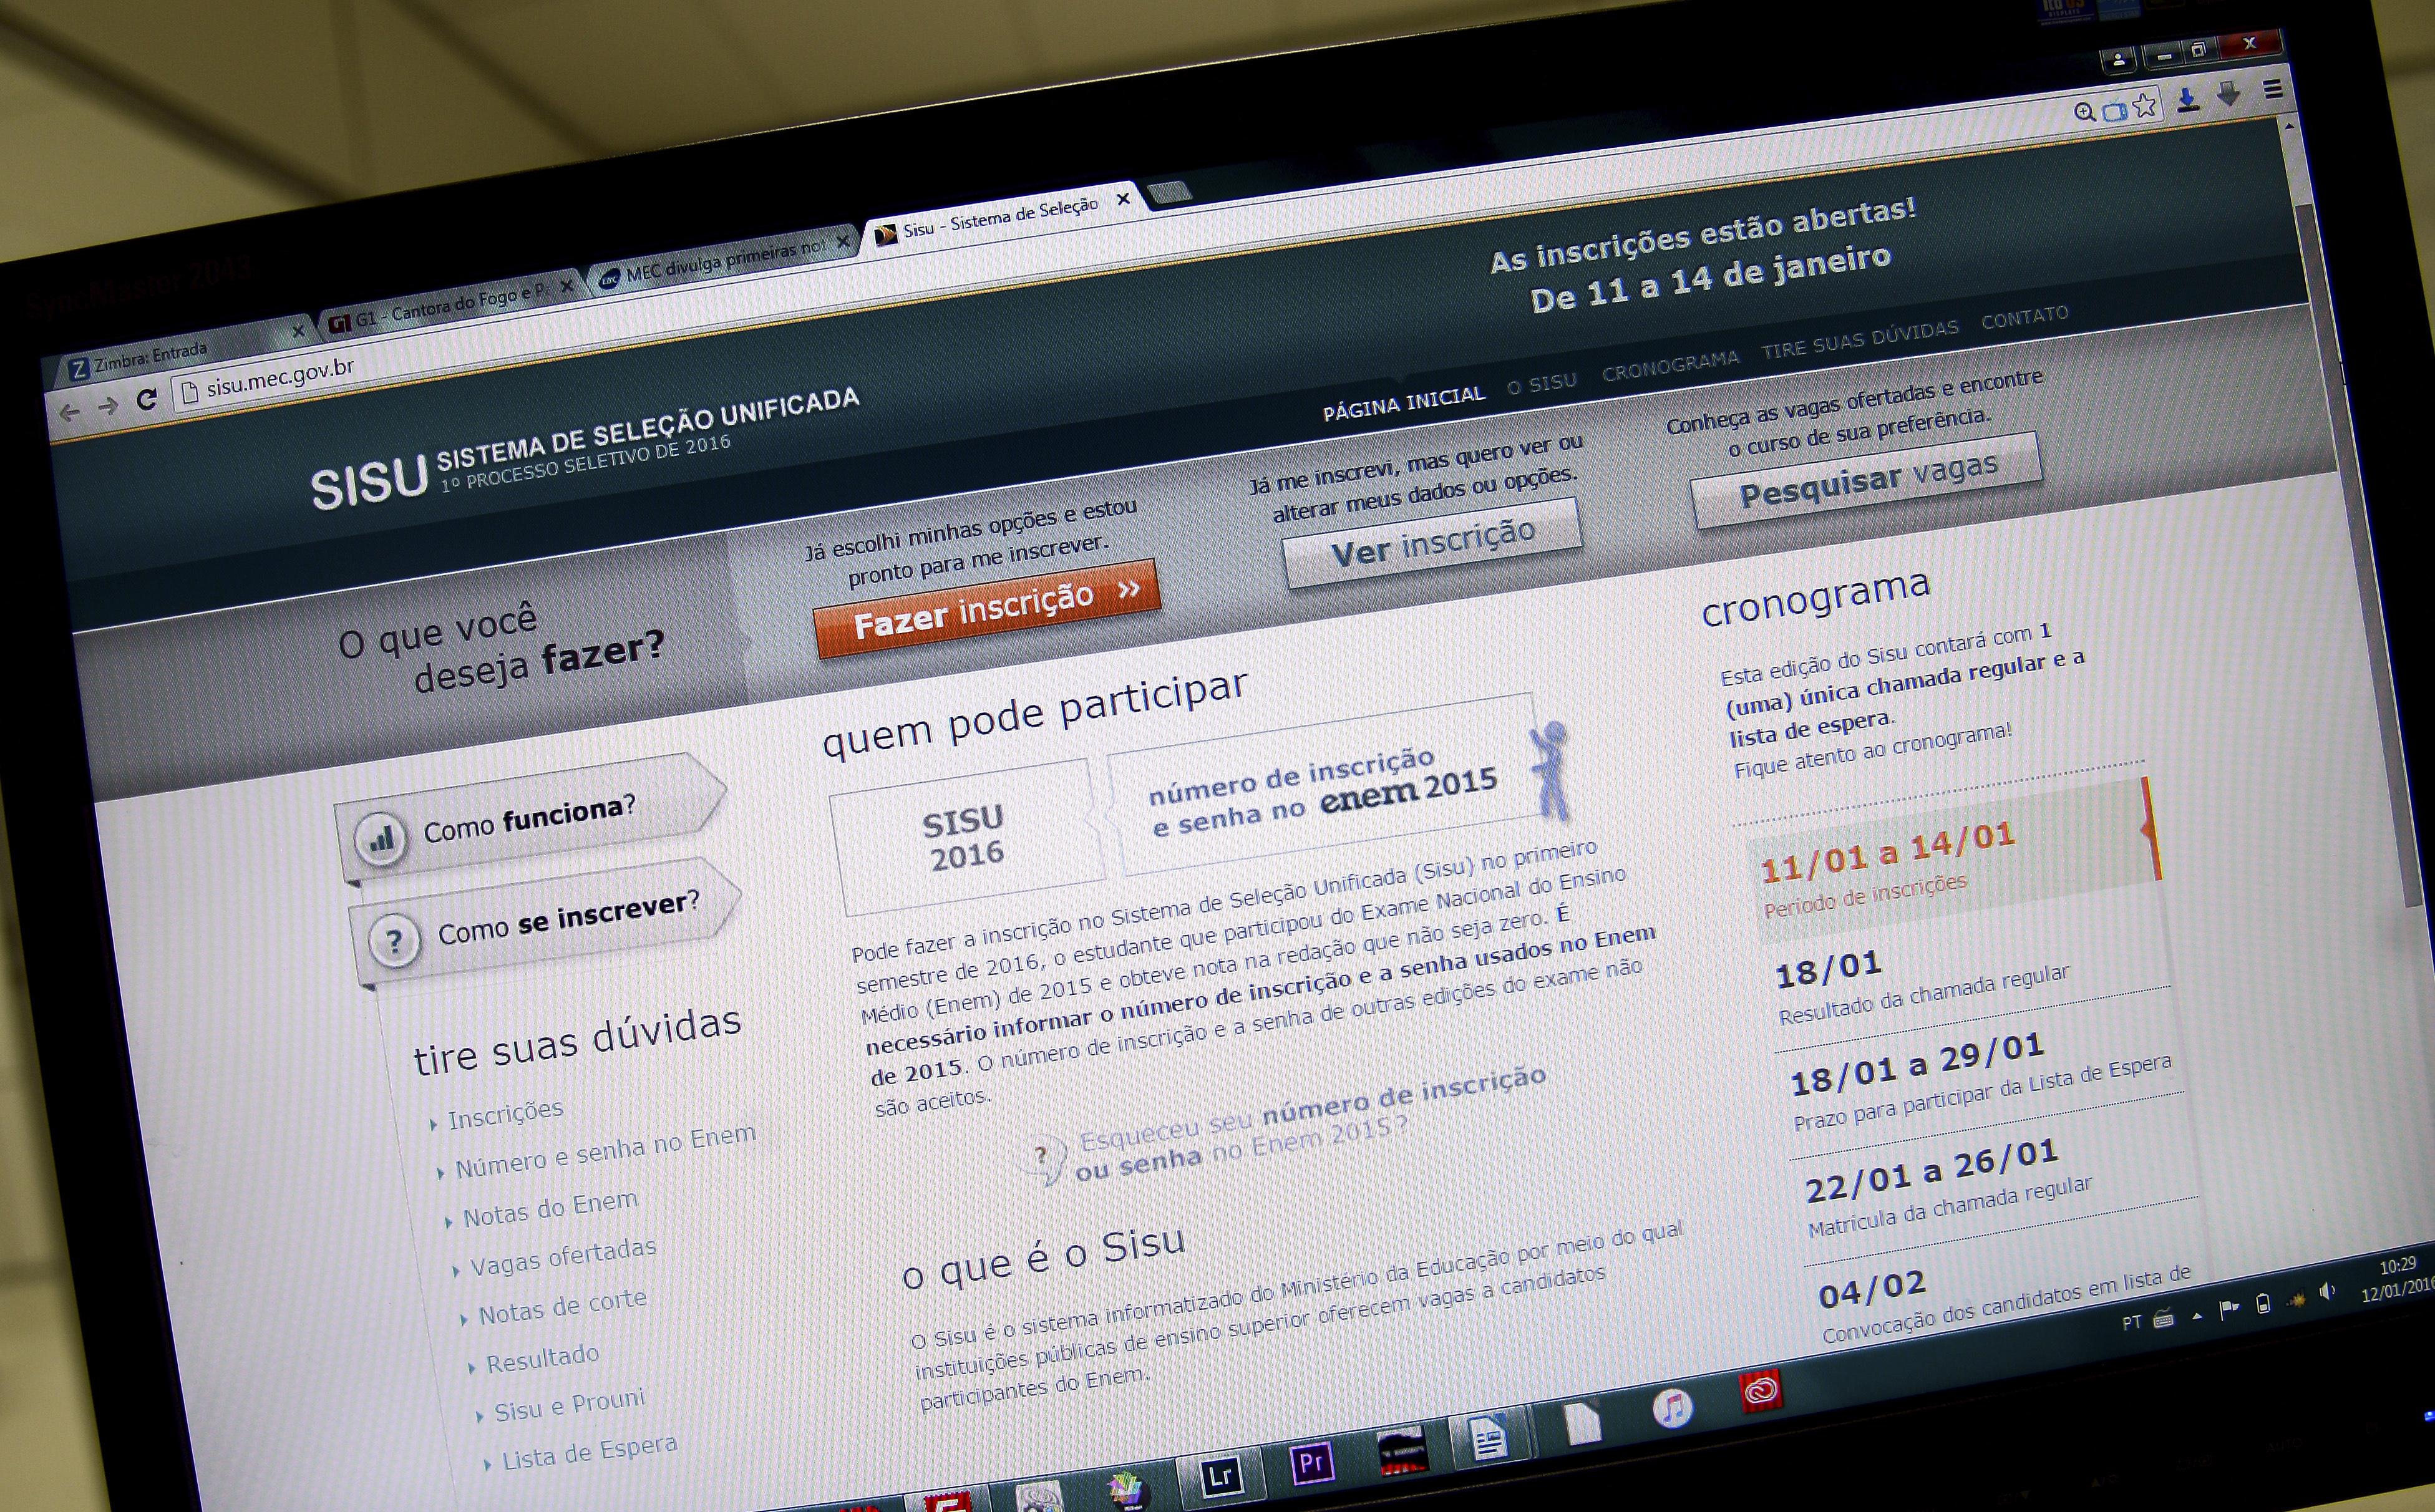 Brasília - As primeiras notas de corte do Sisu estão disponíveis. É possível acessar pela internet a nota mínima necessária para passar em cada um dos cursos oferecidos pelo sistema (Elza Fiuza/Agência Brasil)